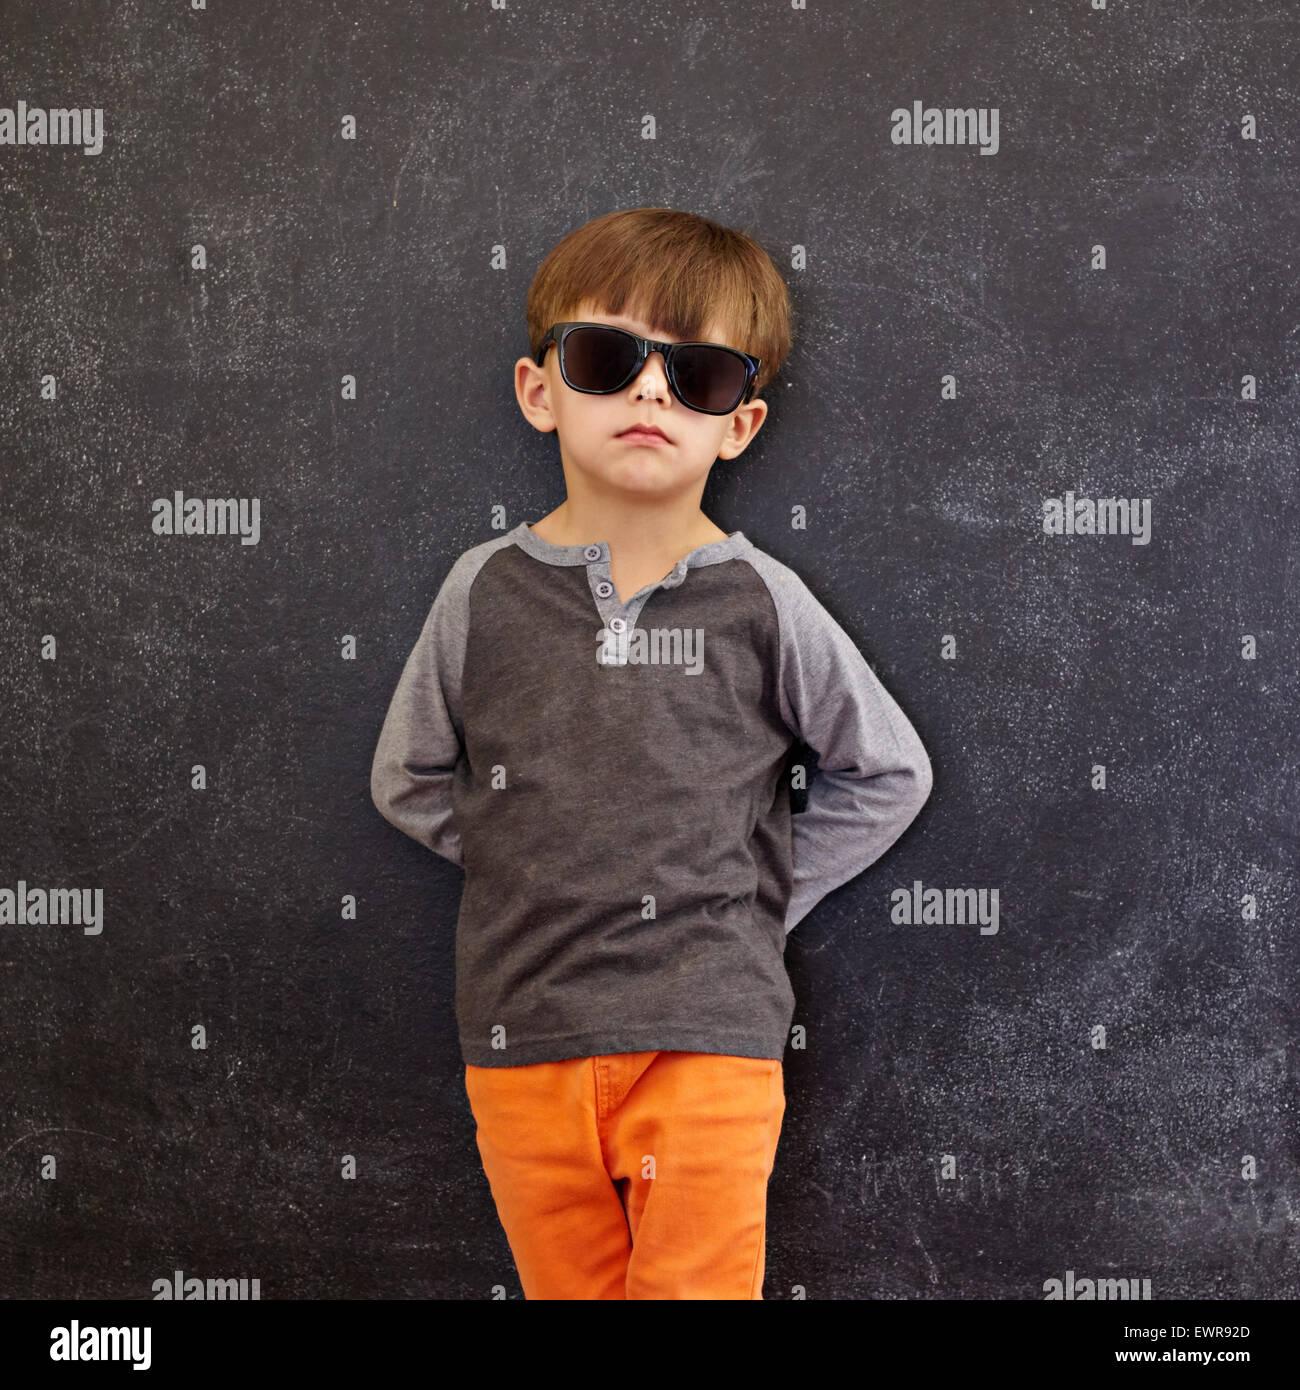 Lindo chico de pie delante de la pizarra. Elegante chico con gafas de sol recostado en una pizarra, buscando en Imagen De Stock